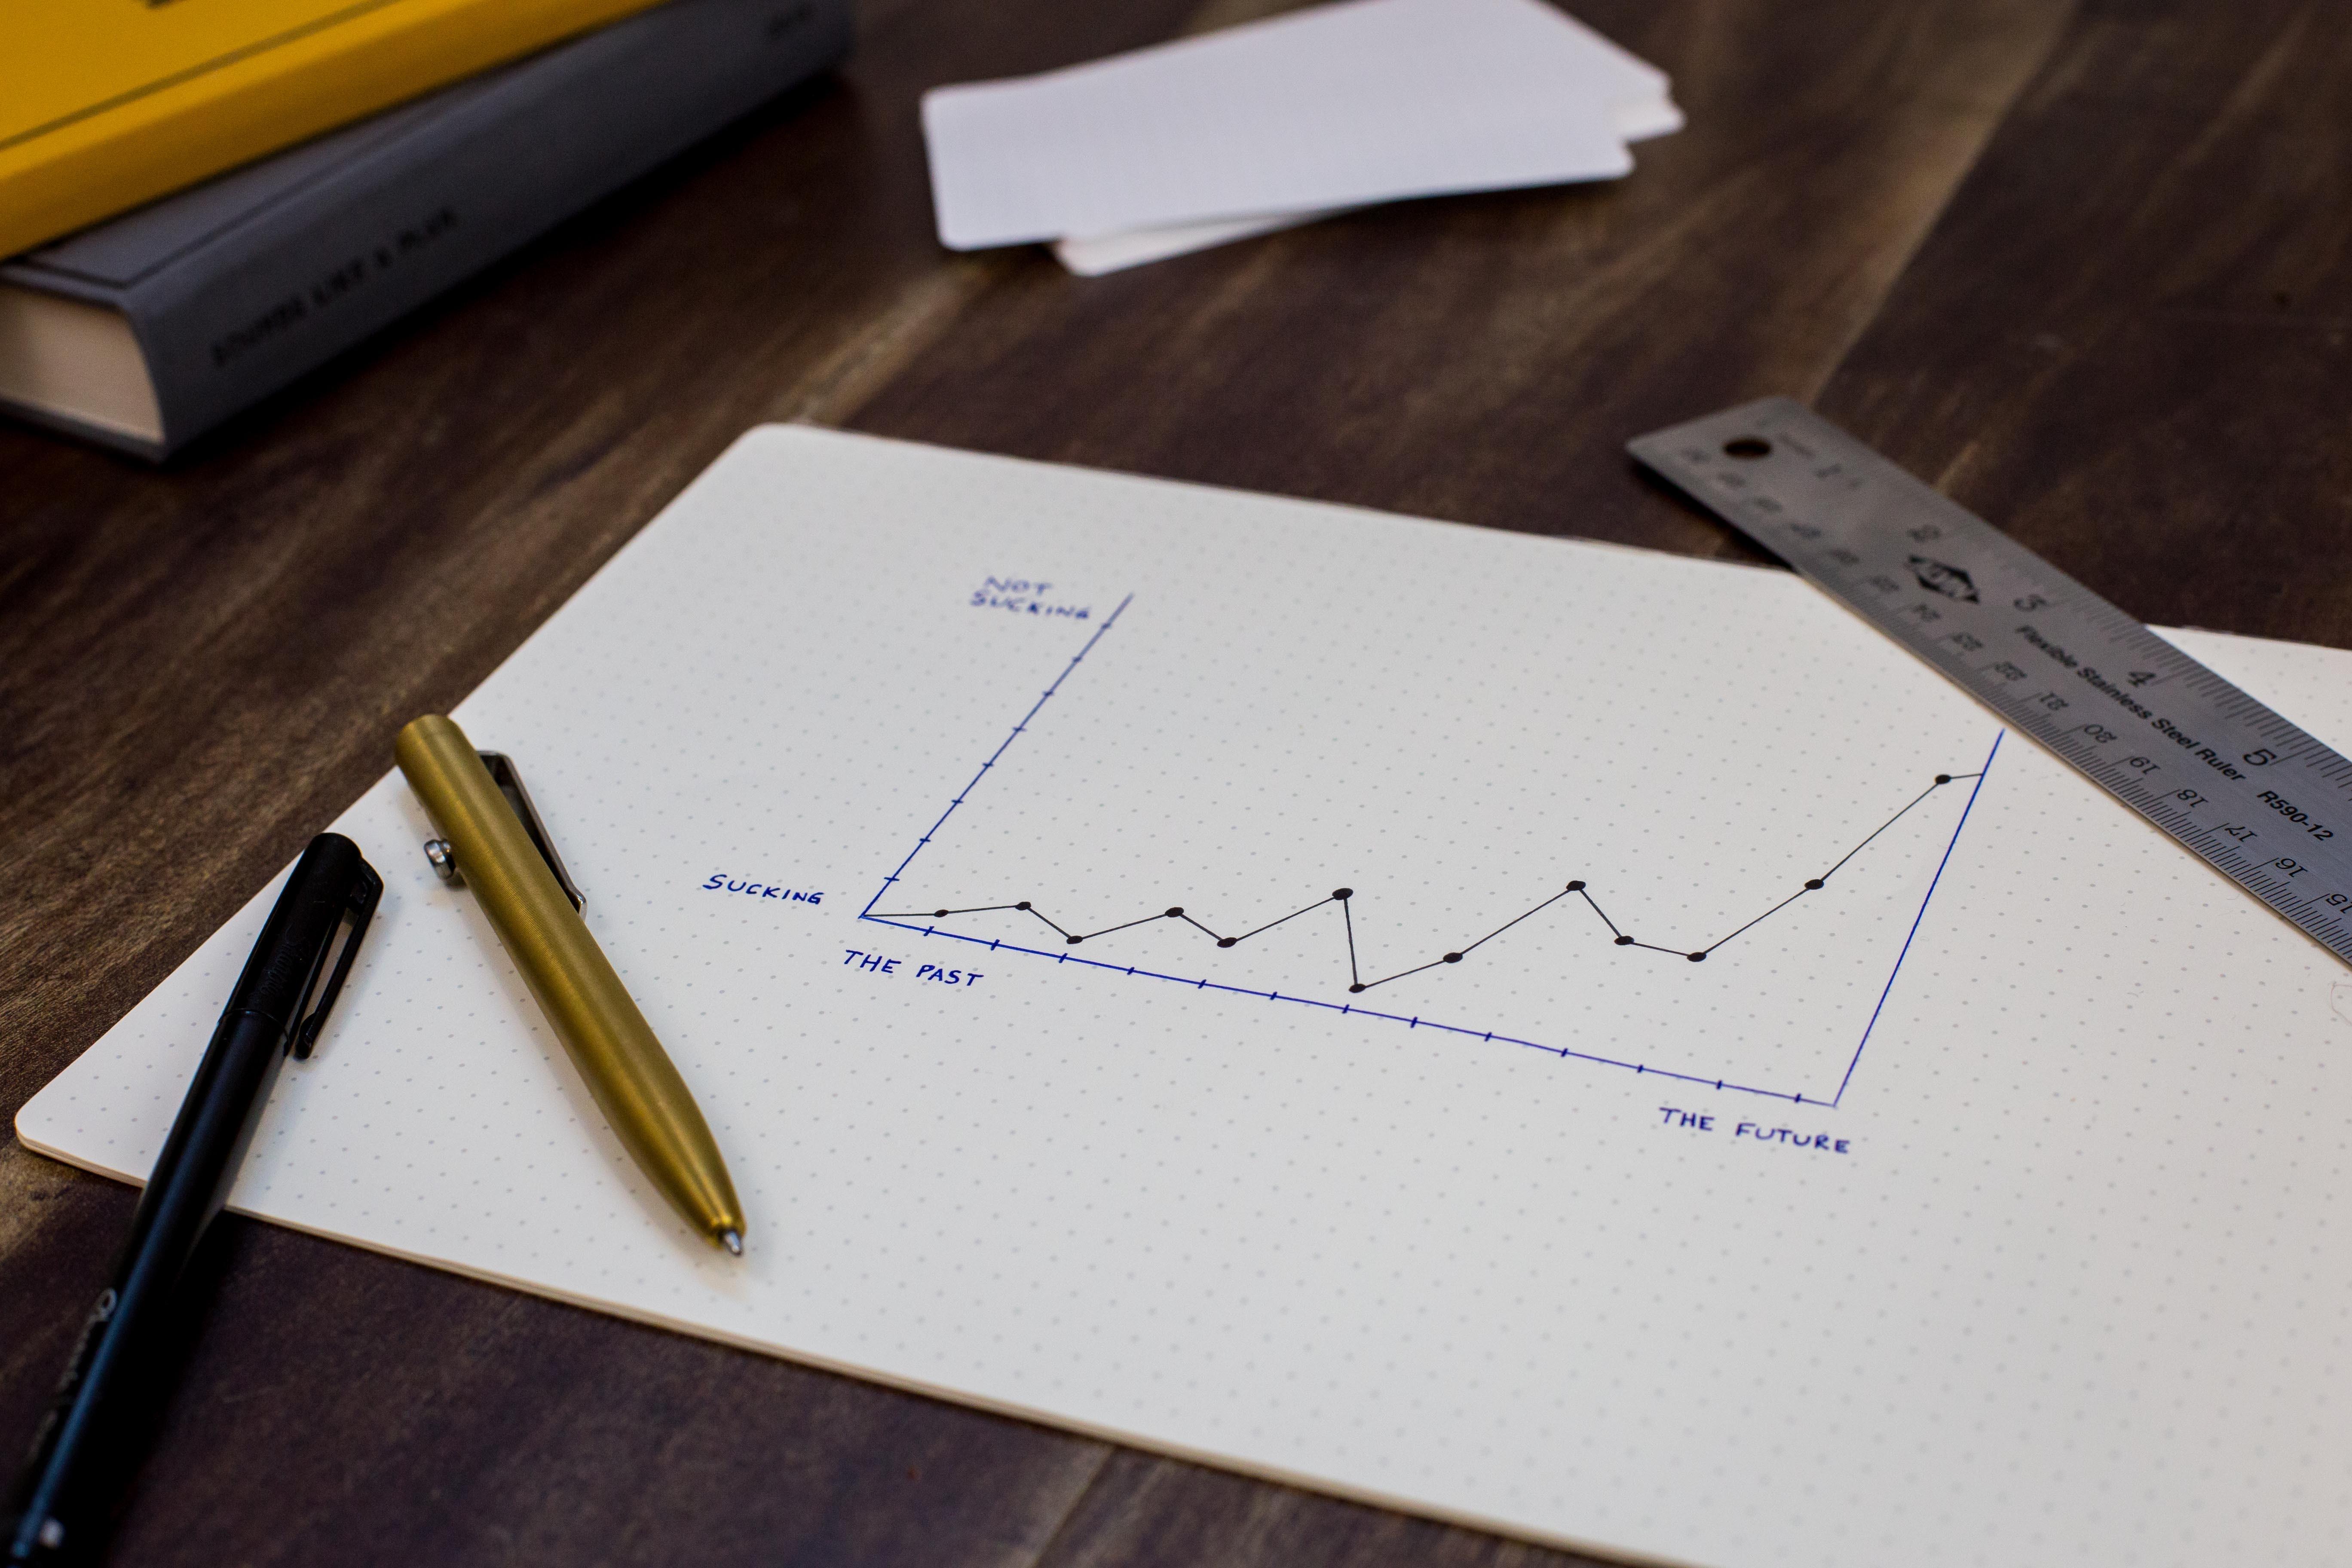 Un assistant virtuel peut soutenir votre stratégie de croissance